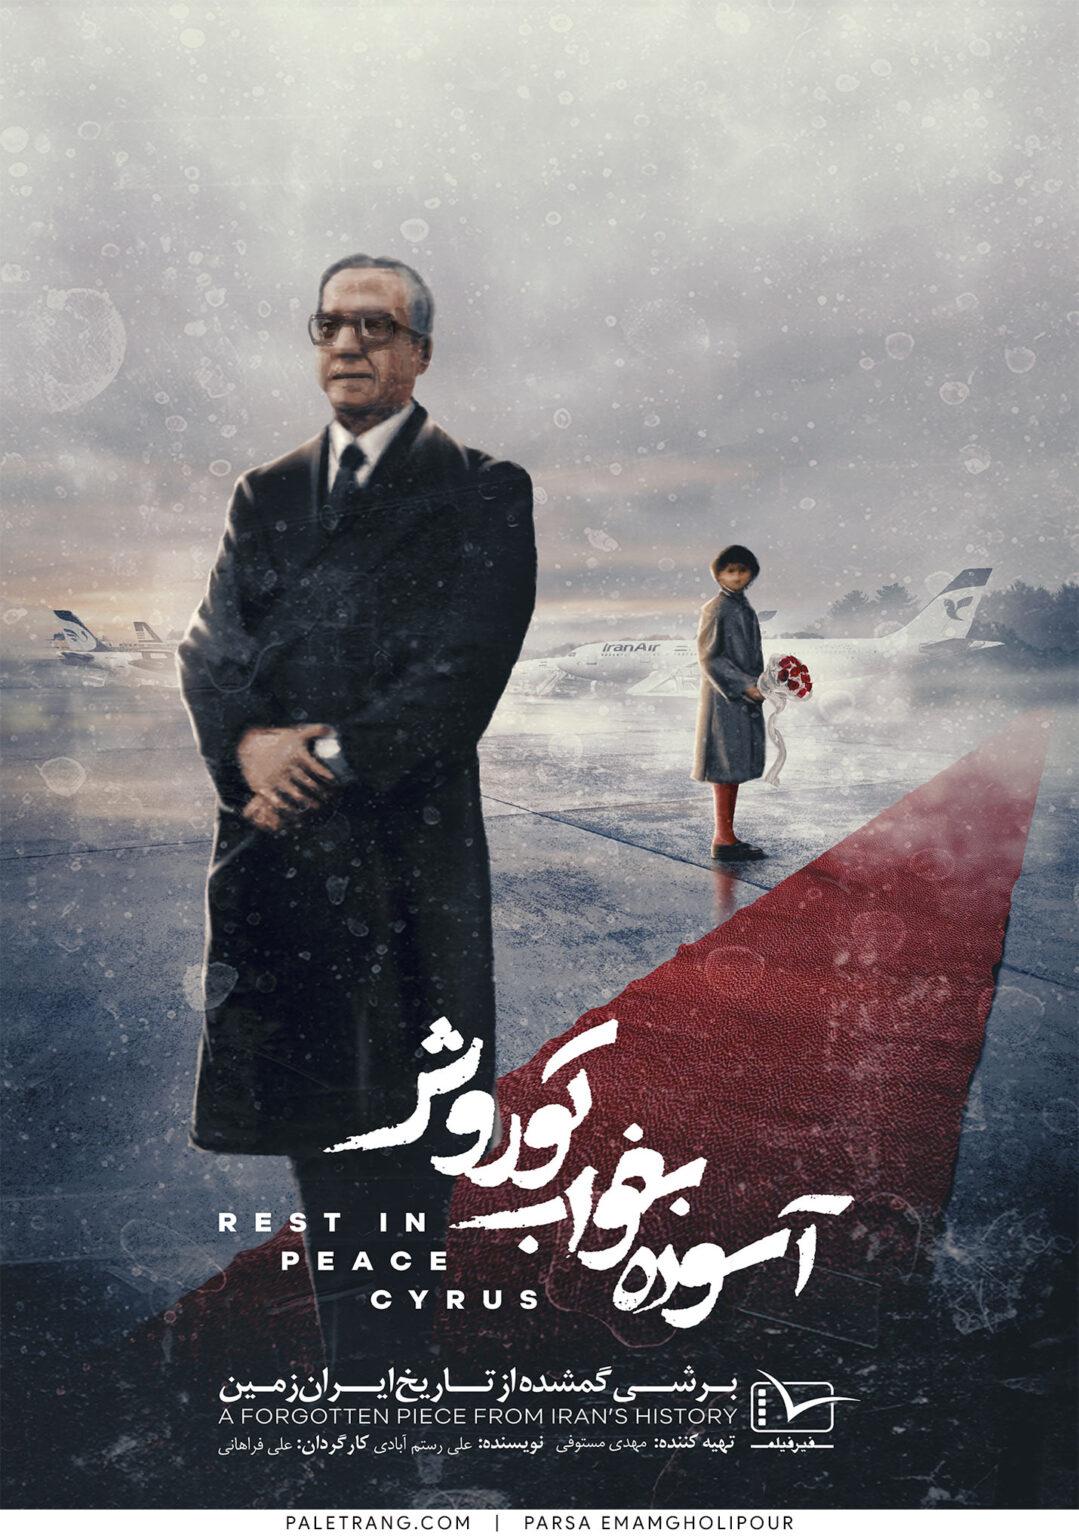 پوستر مستند آسوده بخواب کوروش اثر پارسا اماقلی پور